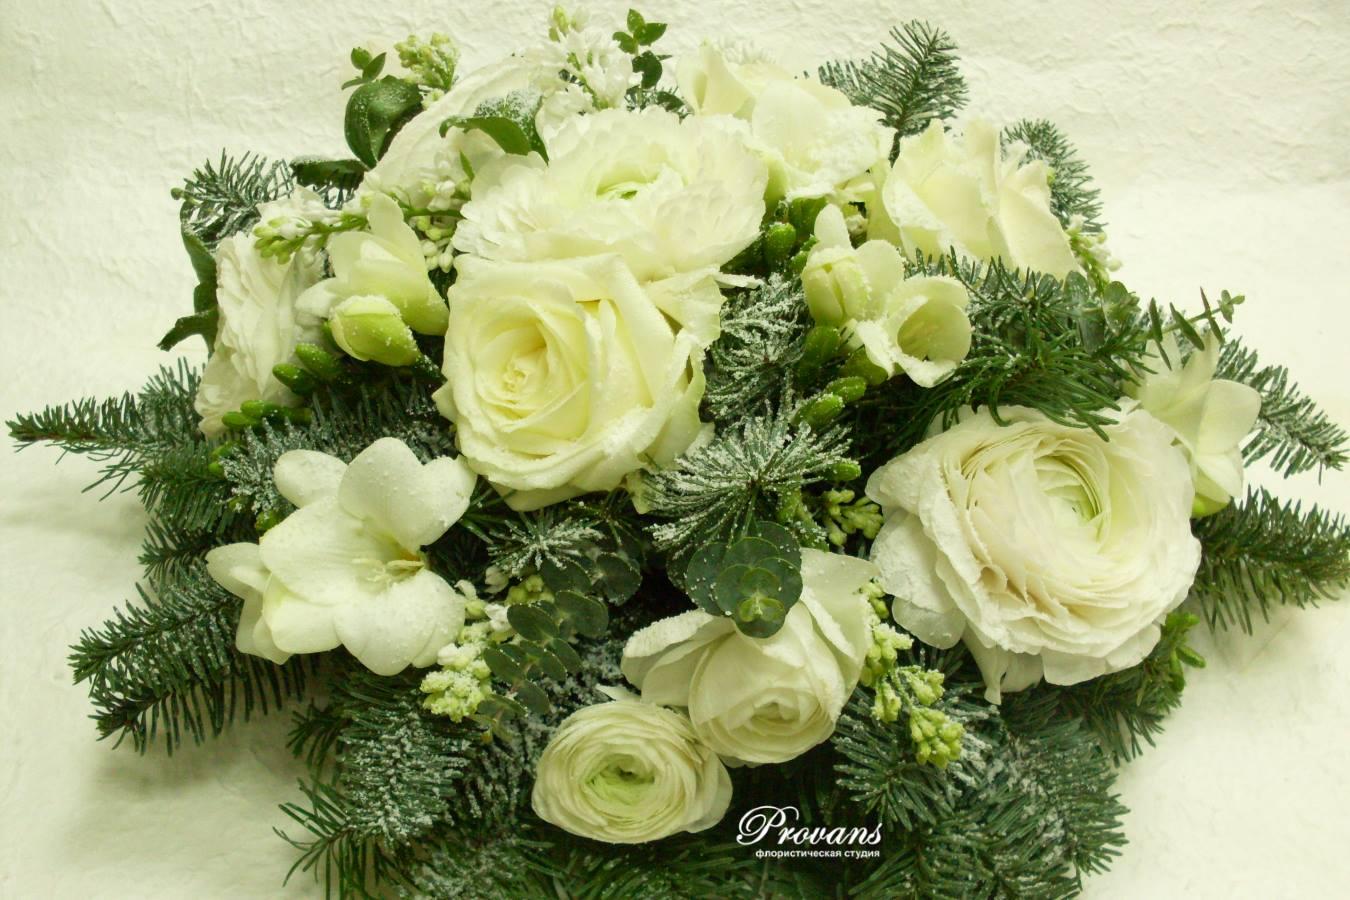 Рождественская композиция. Голубая ель, живые цветы, розы, сирень